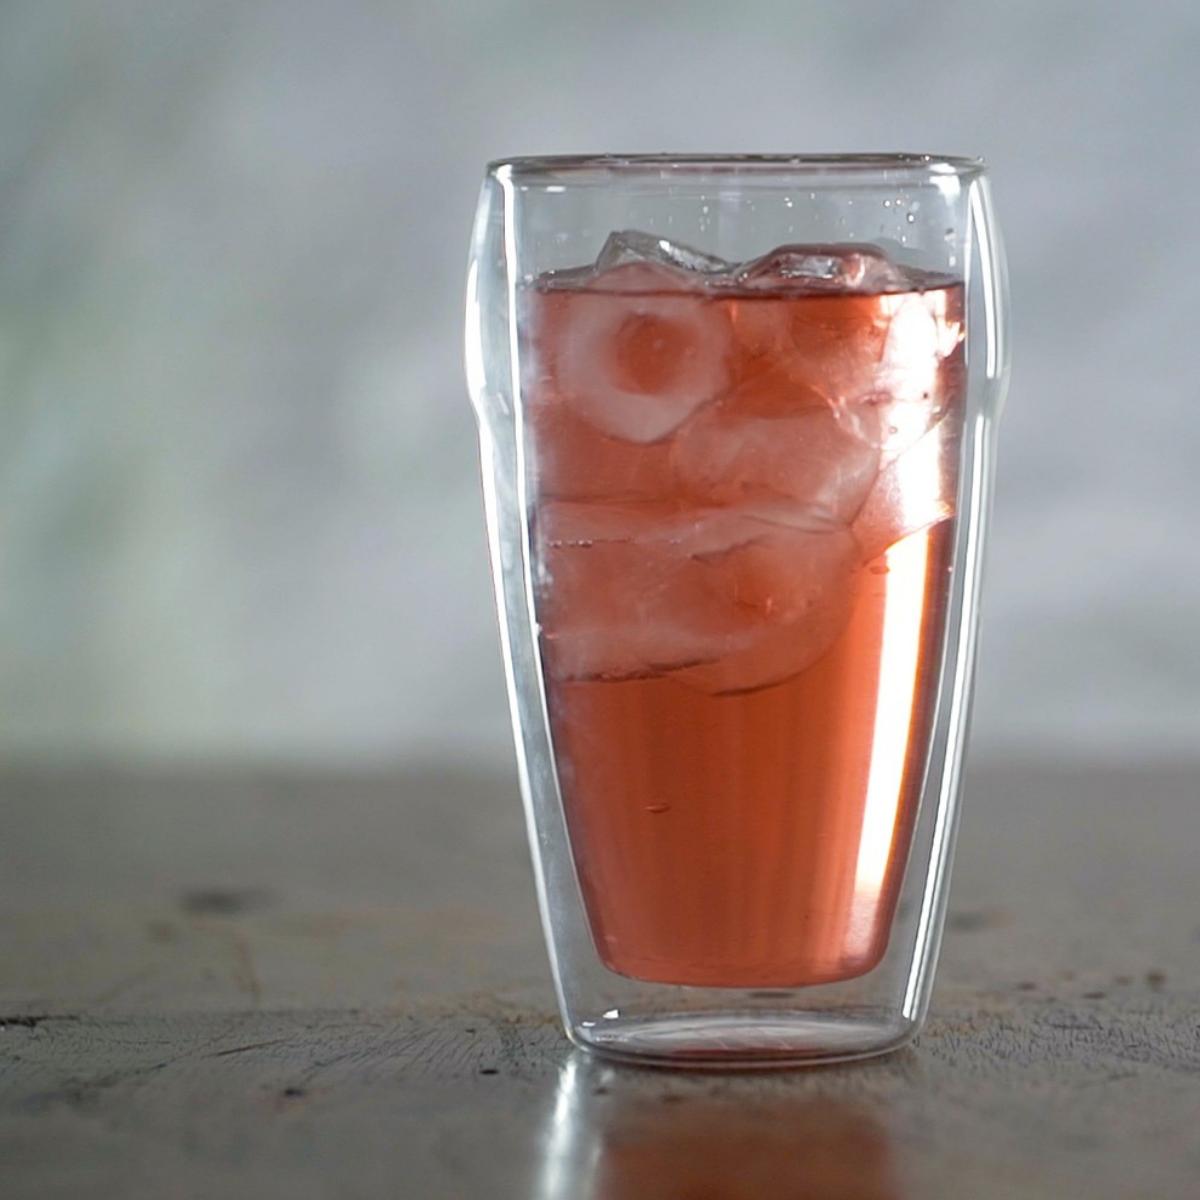 Imagem - Novidade: vem aí um canal sobre o chá que vai encantar você